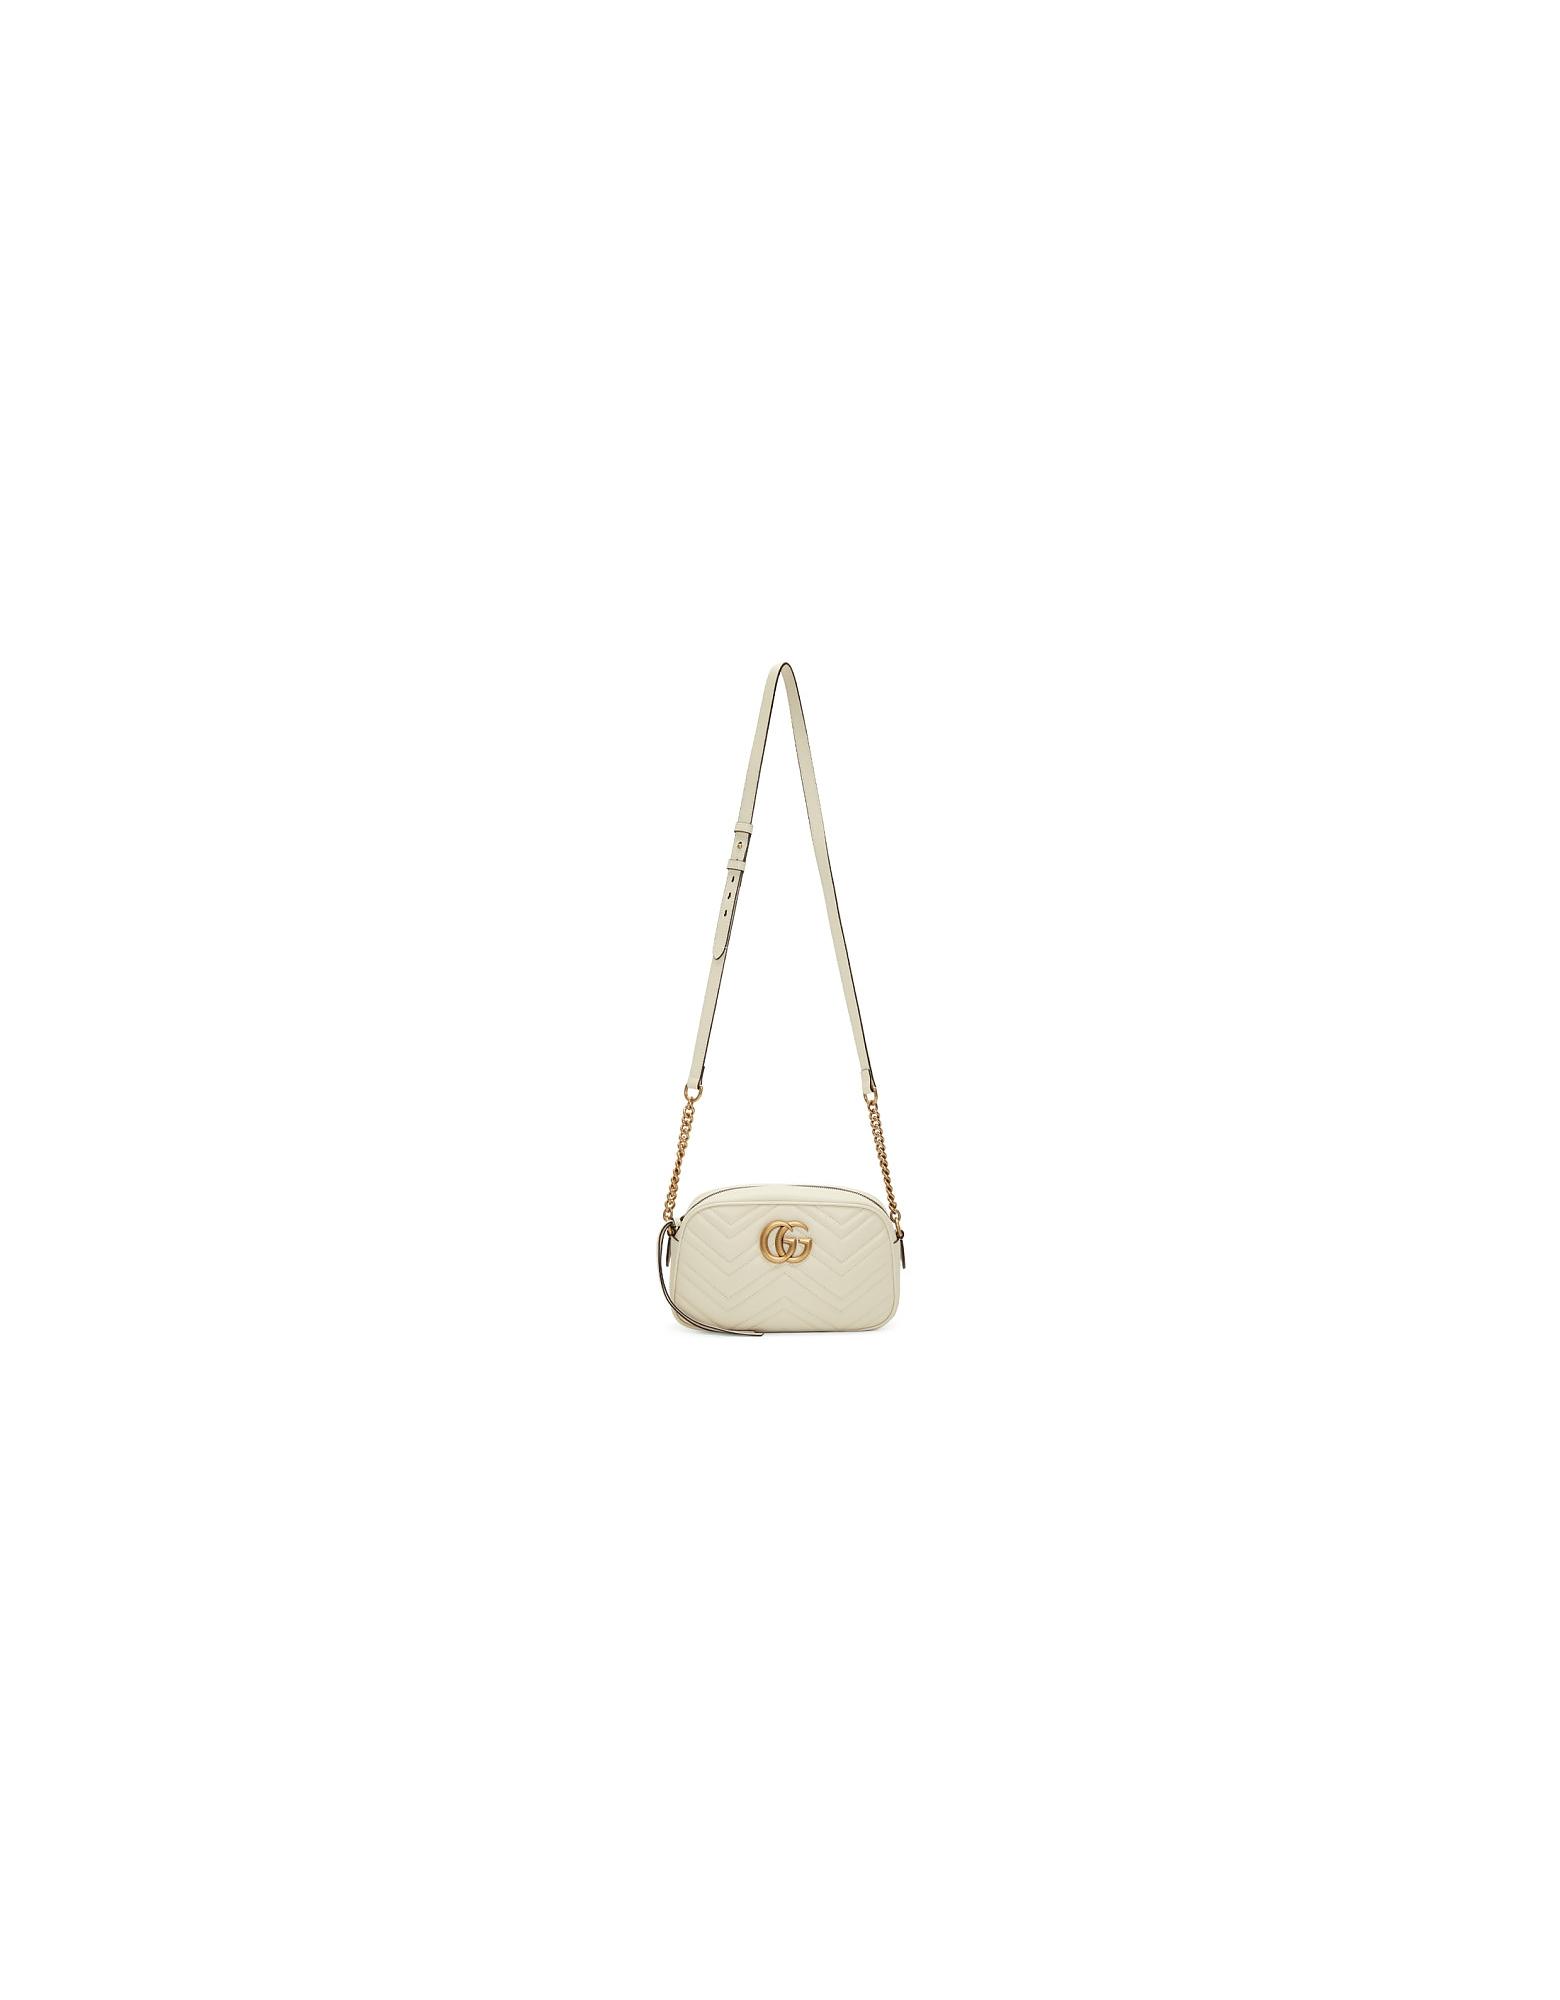 Gucci Designer Handbags, White Small GG Marmont Camera Bag